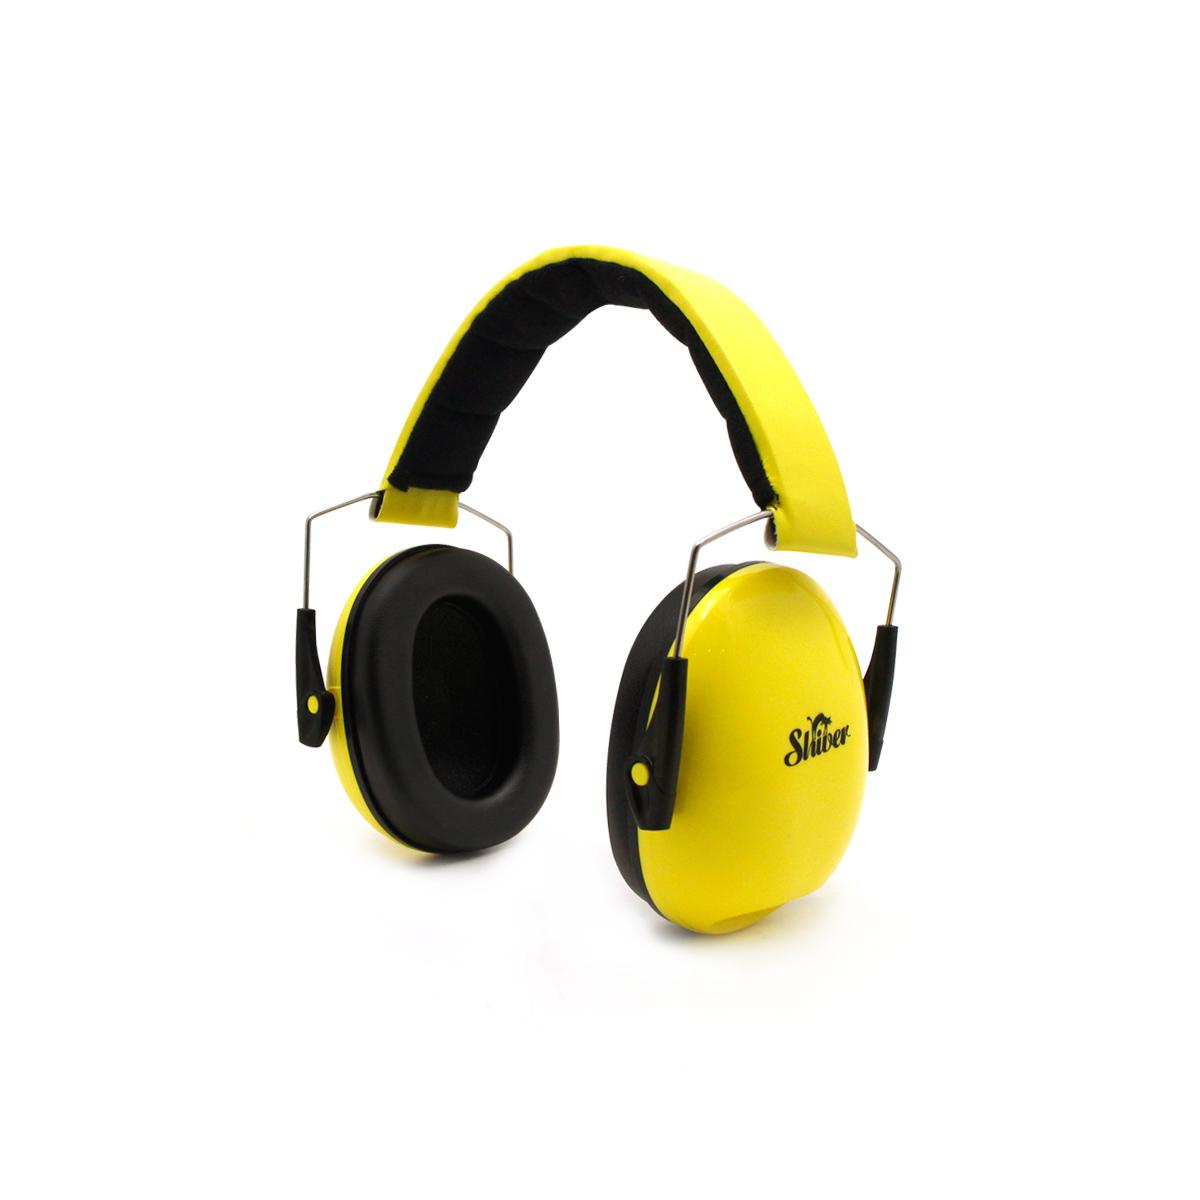 Casque de protection auditive Shiver - Jaune